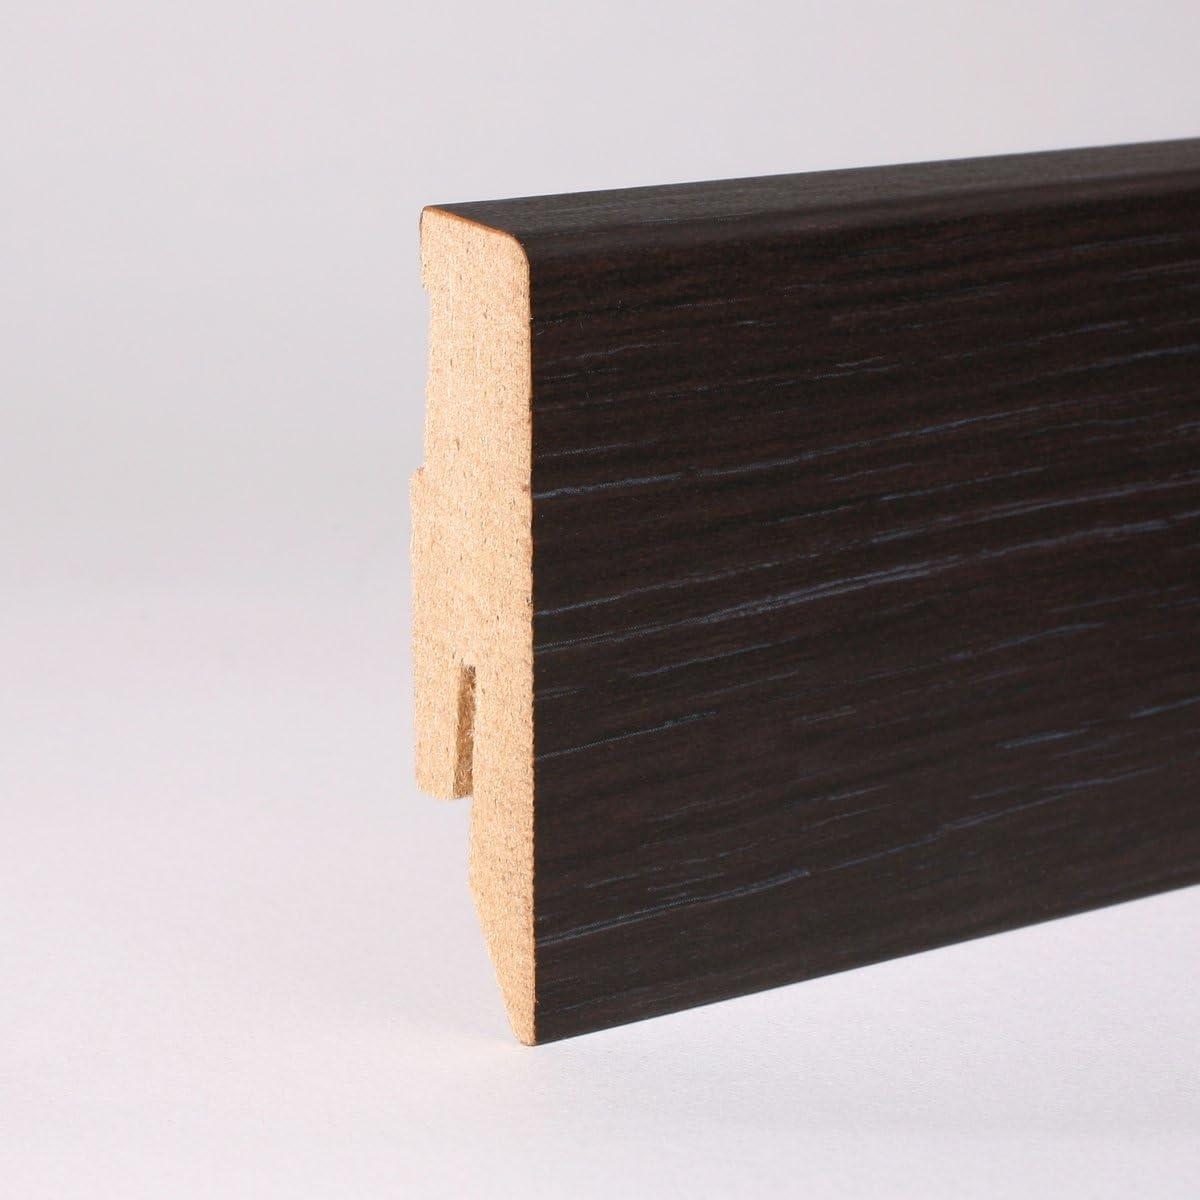 Sockelleiste Fu/ßleiste 60 x 20 x 2.600mm Dekor Eiche wei/ß